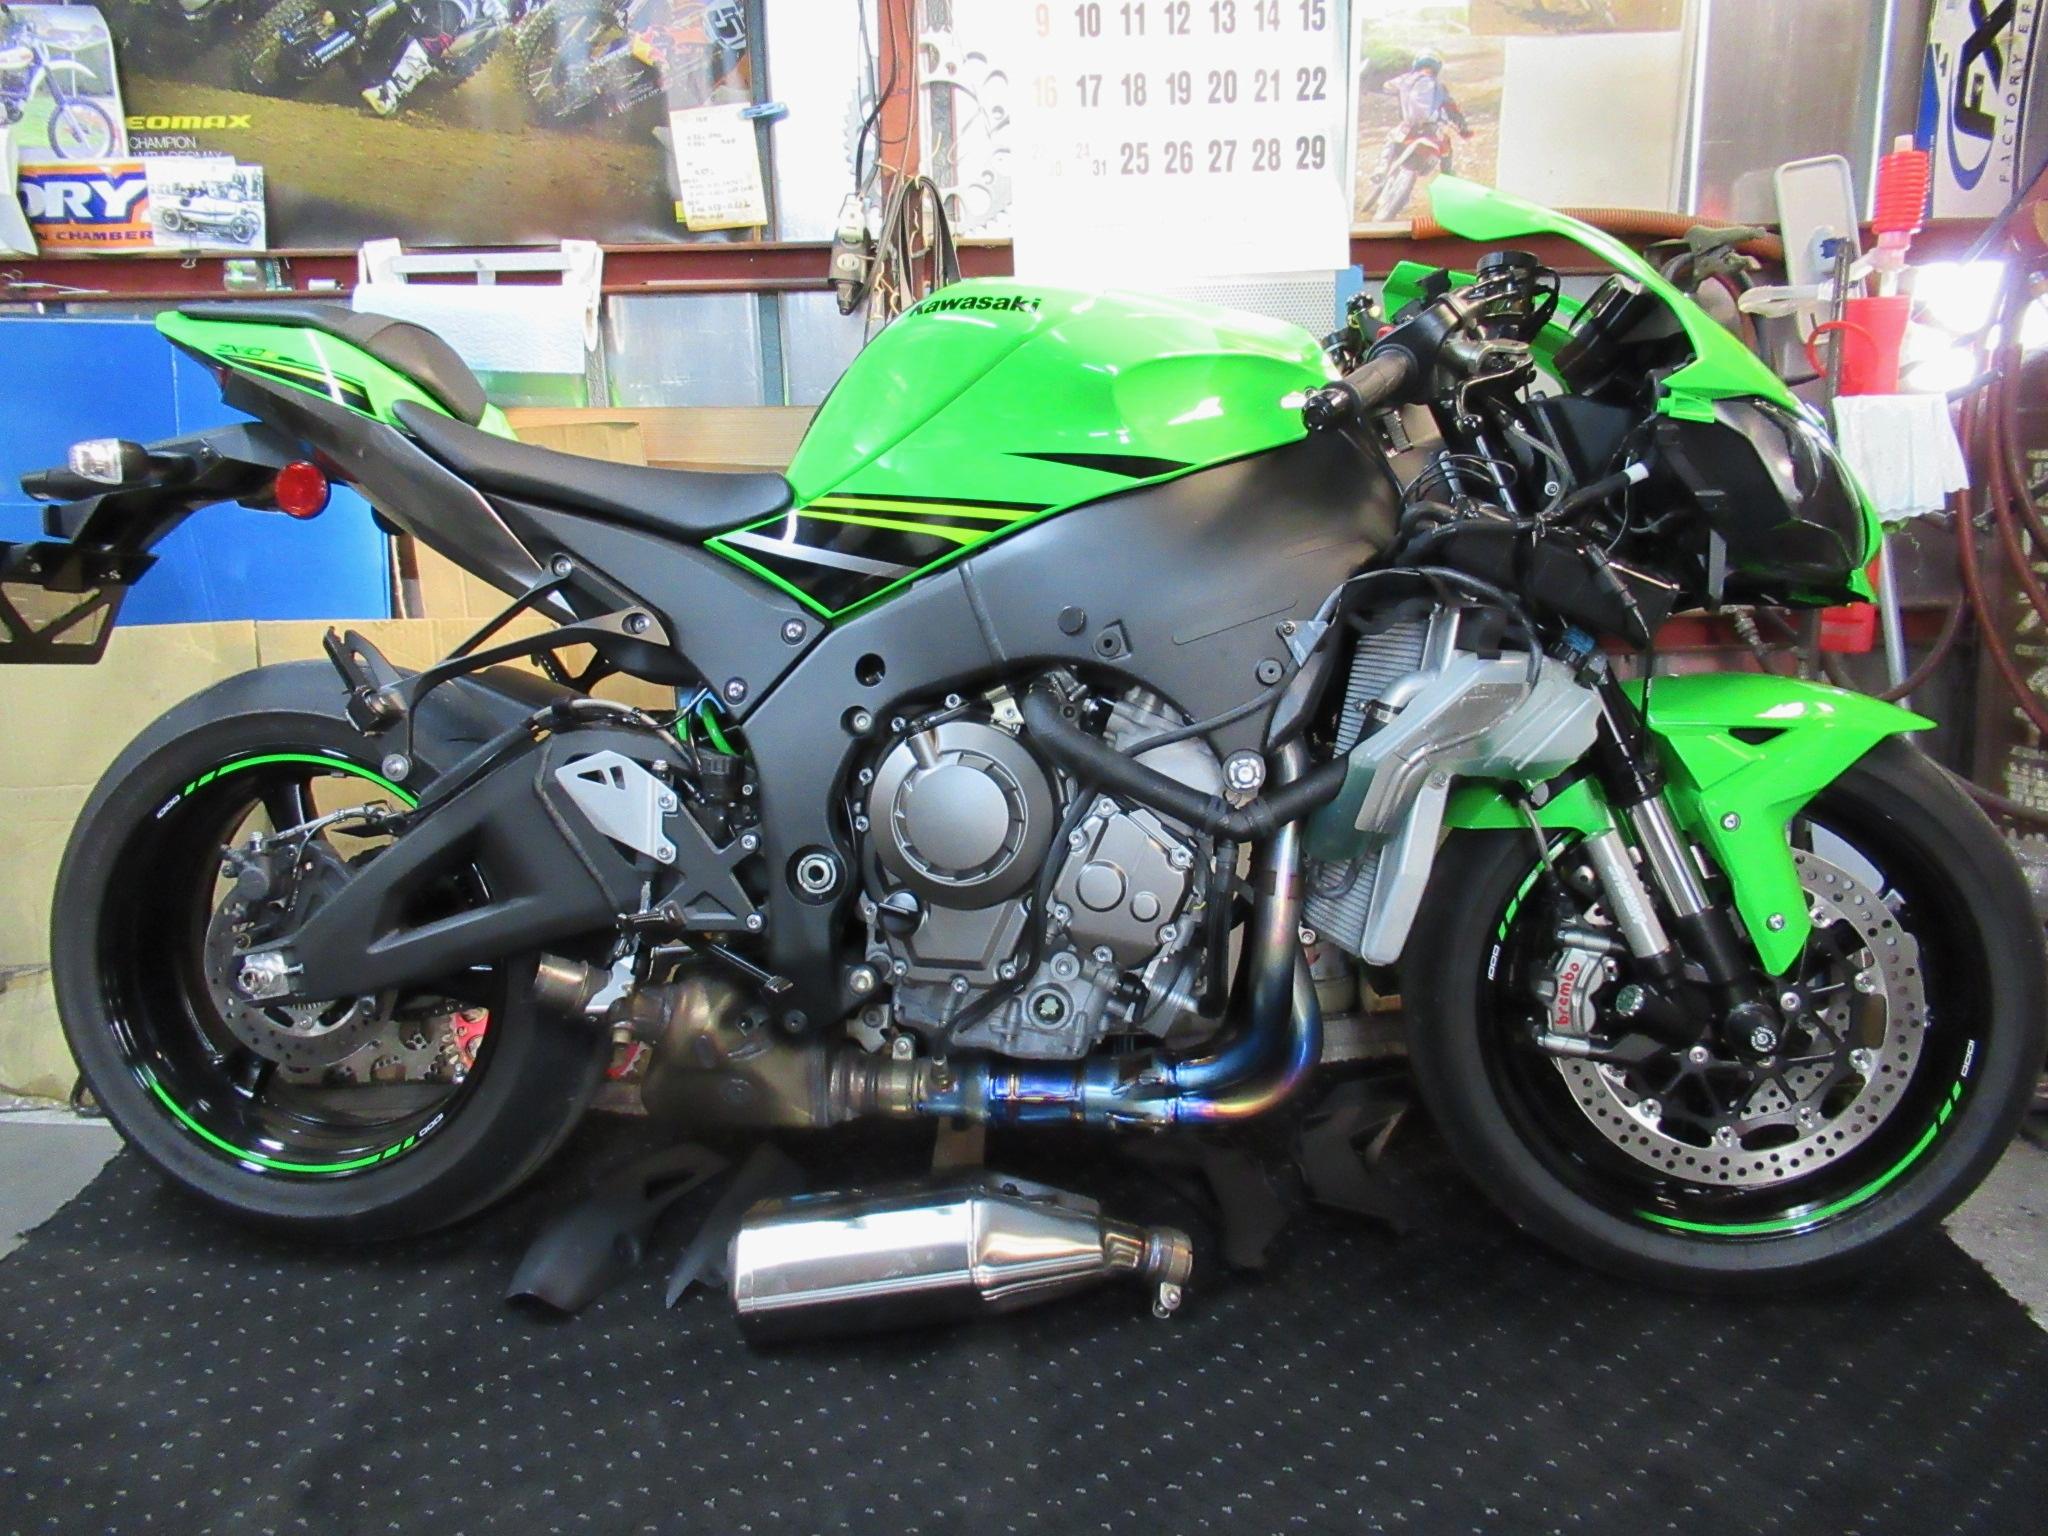 http://www.precious-factory.com/preciousfactory2010/IMG_0008.JPG